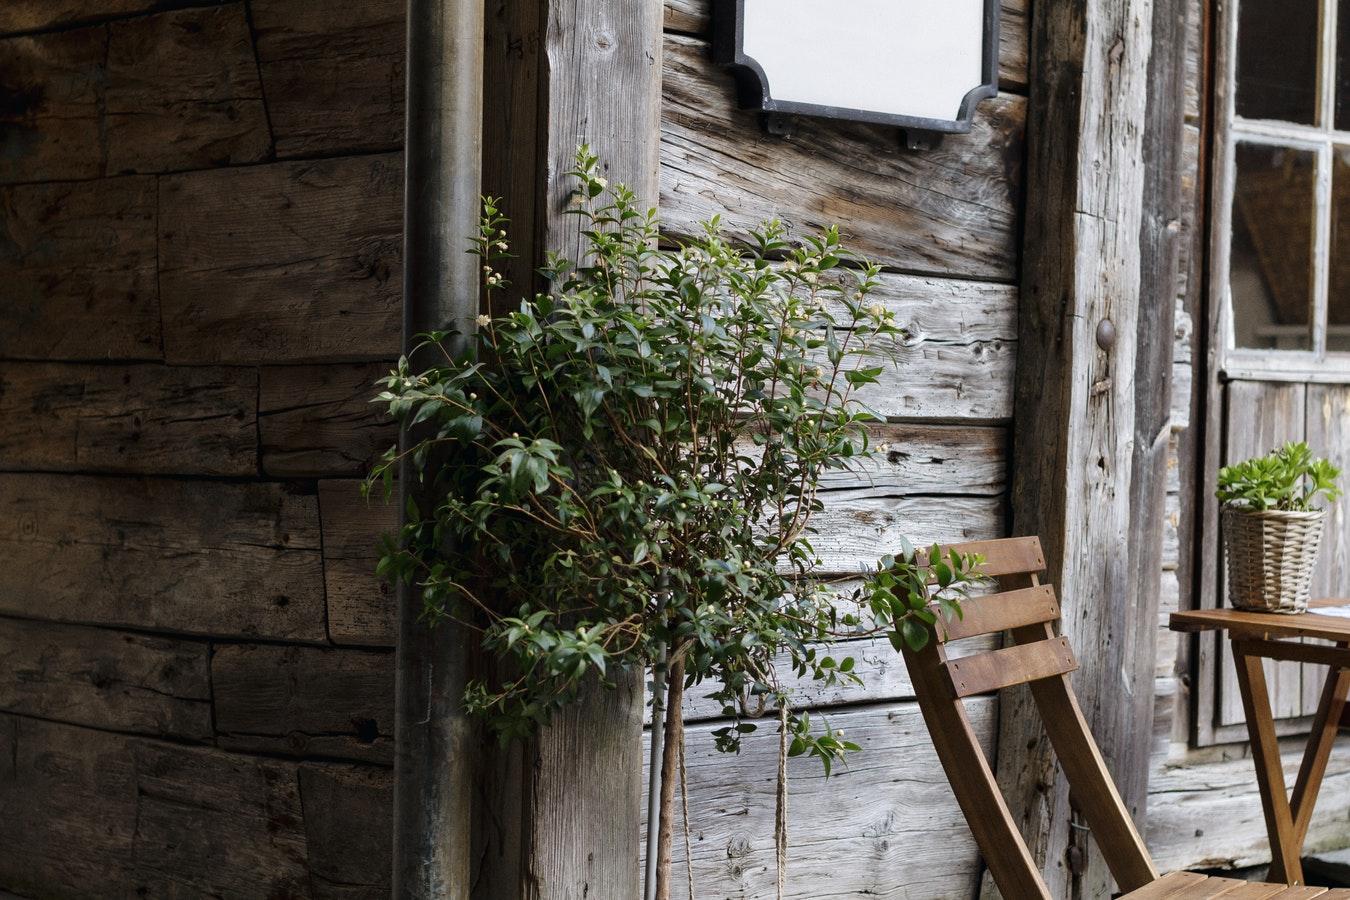 Marzy Ci się dom z drewna, Oto wady i zalety